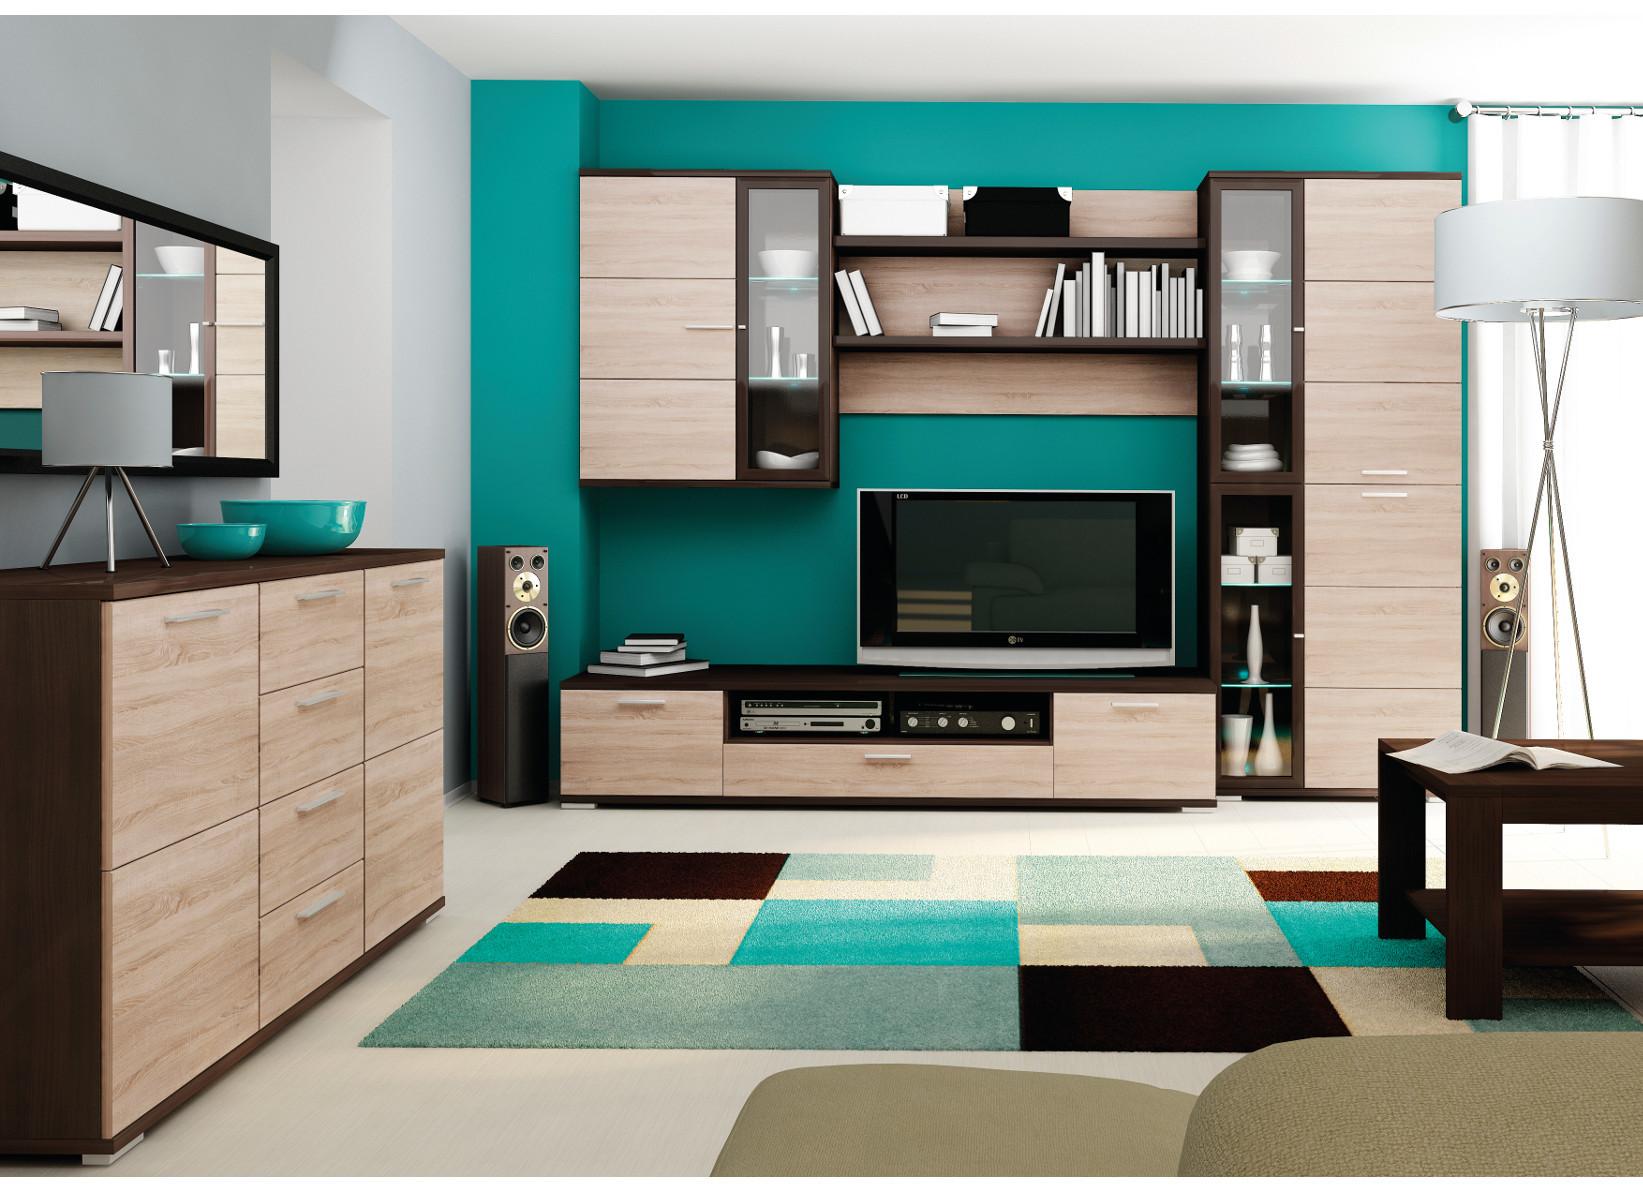 2026f0dd6b38 Jeszcze nie tak dawno pokoje w różnych domach wyglądały identycznie –  właśnie ze względu na meble dostępne w podobnych wzorach i kolorach.